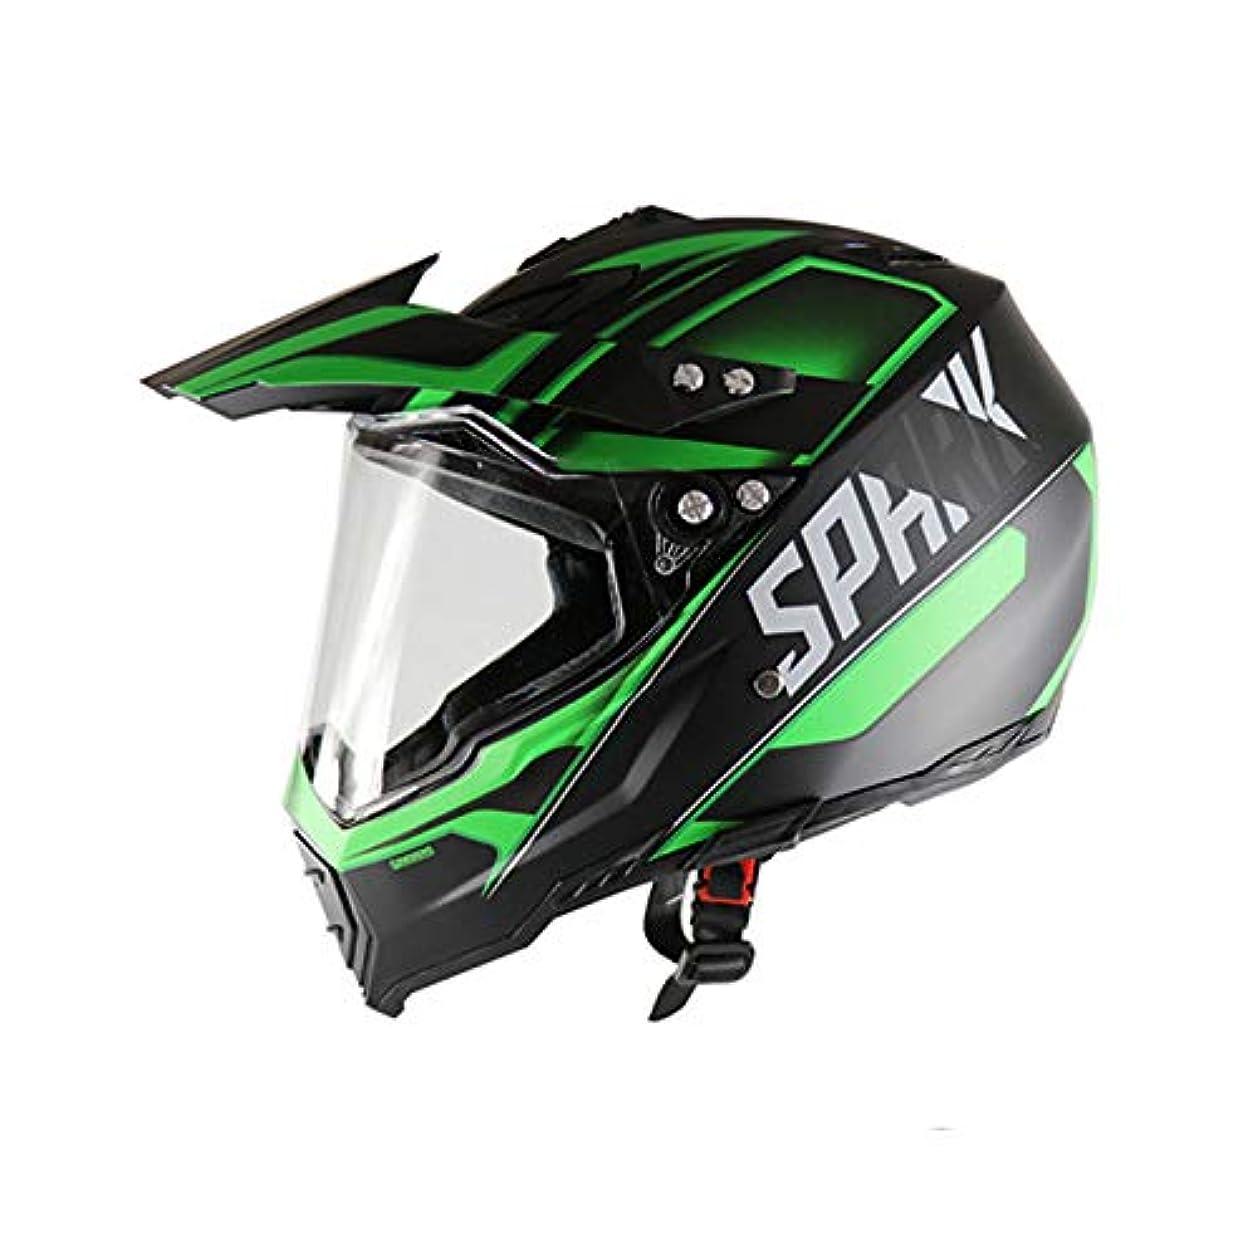 反動昼間その結果モトクロスヘルメット、DOTは承認ATV、ダートバイク、ダウンヒルやマウンテンバイクに対応ユニセックスモジュラーフルフェイスヘルメットオートバイ、,グリーン,S